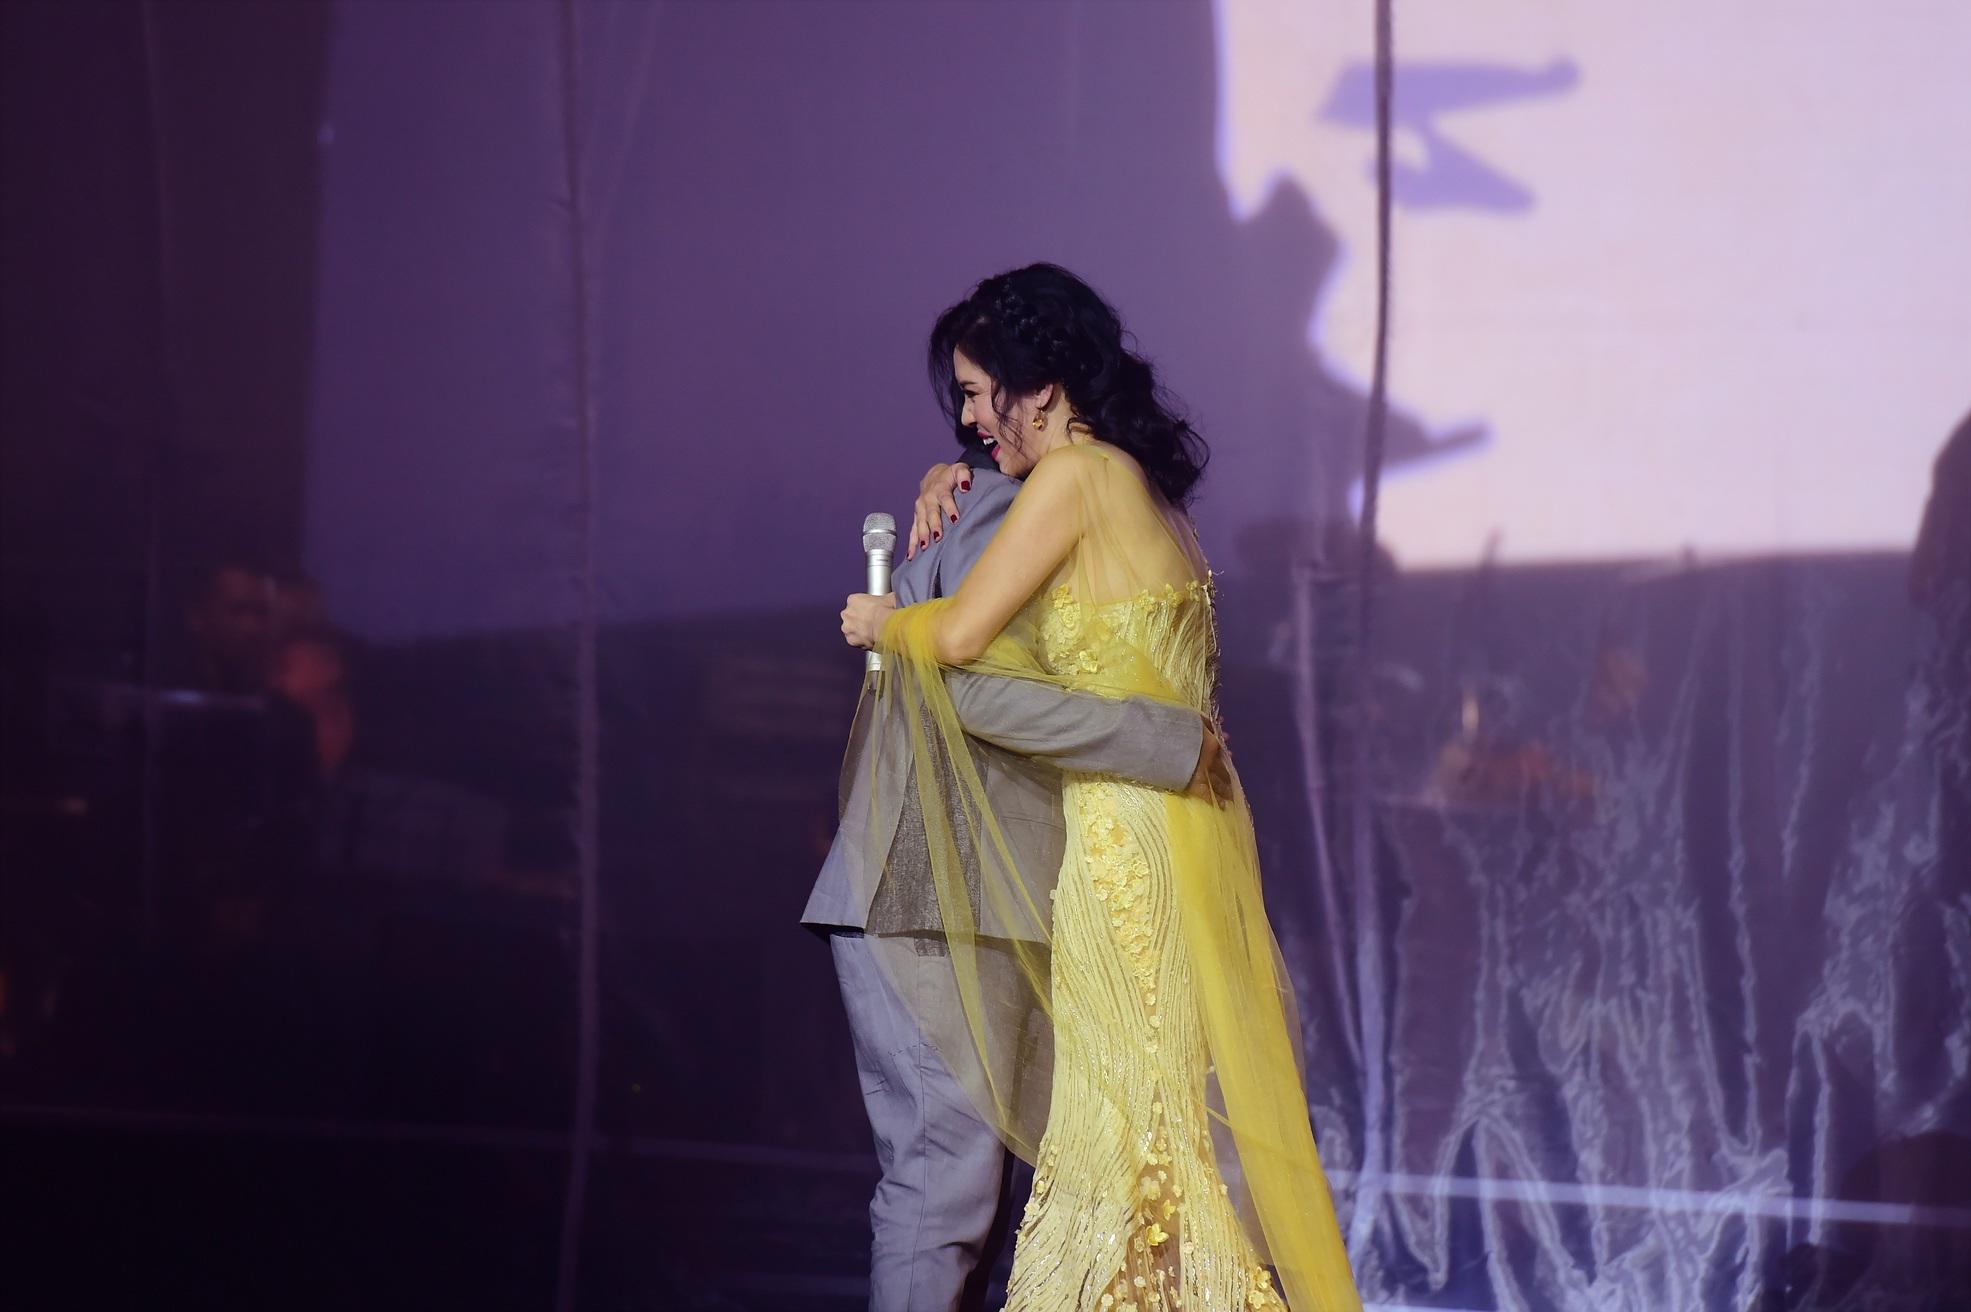 2 cái ôm của nhạc sĩ Việt Anh khiến nữ ca sĩ không hài lòng. Cô đã dành một cái ôm thật thắm thiết cho người đàn ông trong âm nhạc của mình.